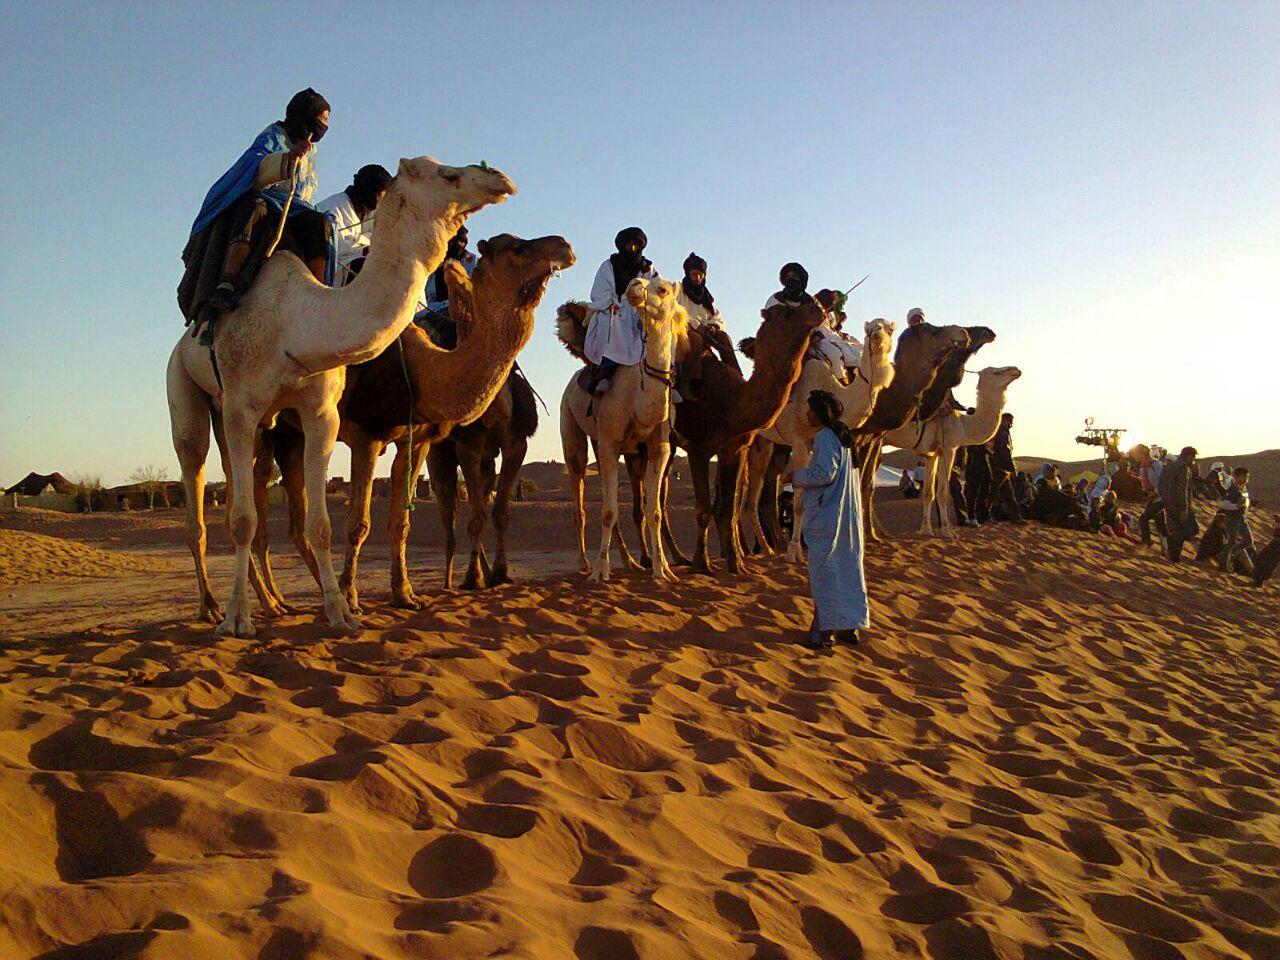 Day Camel Trek